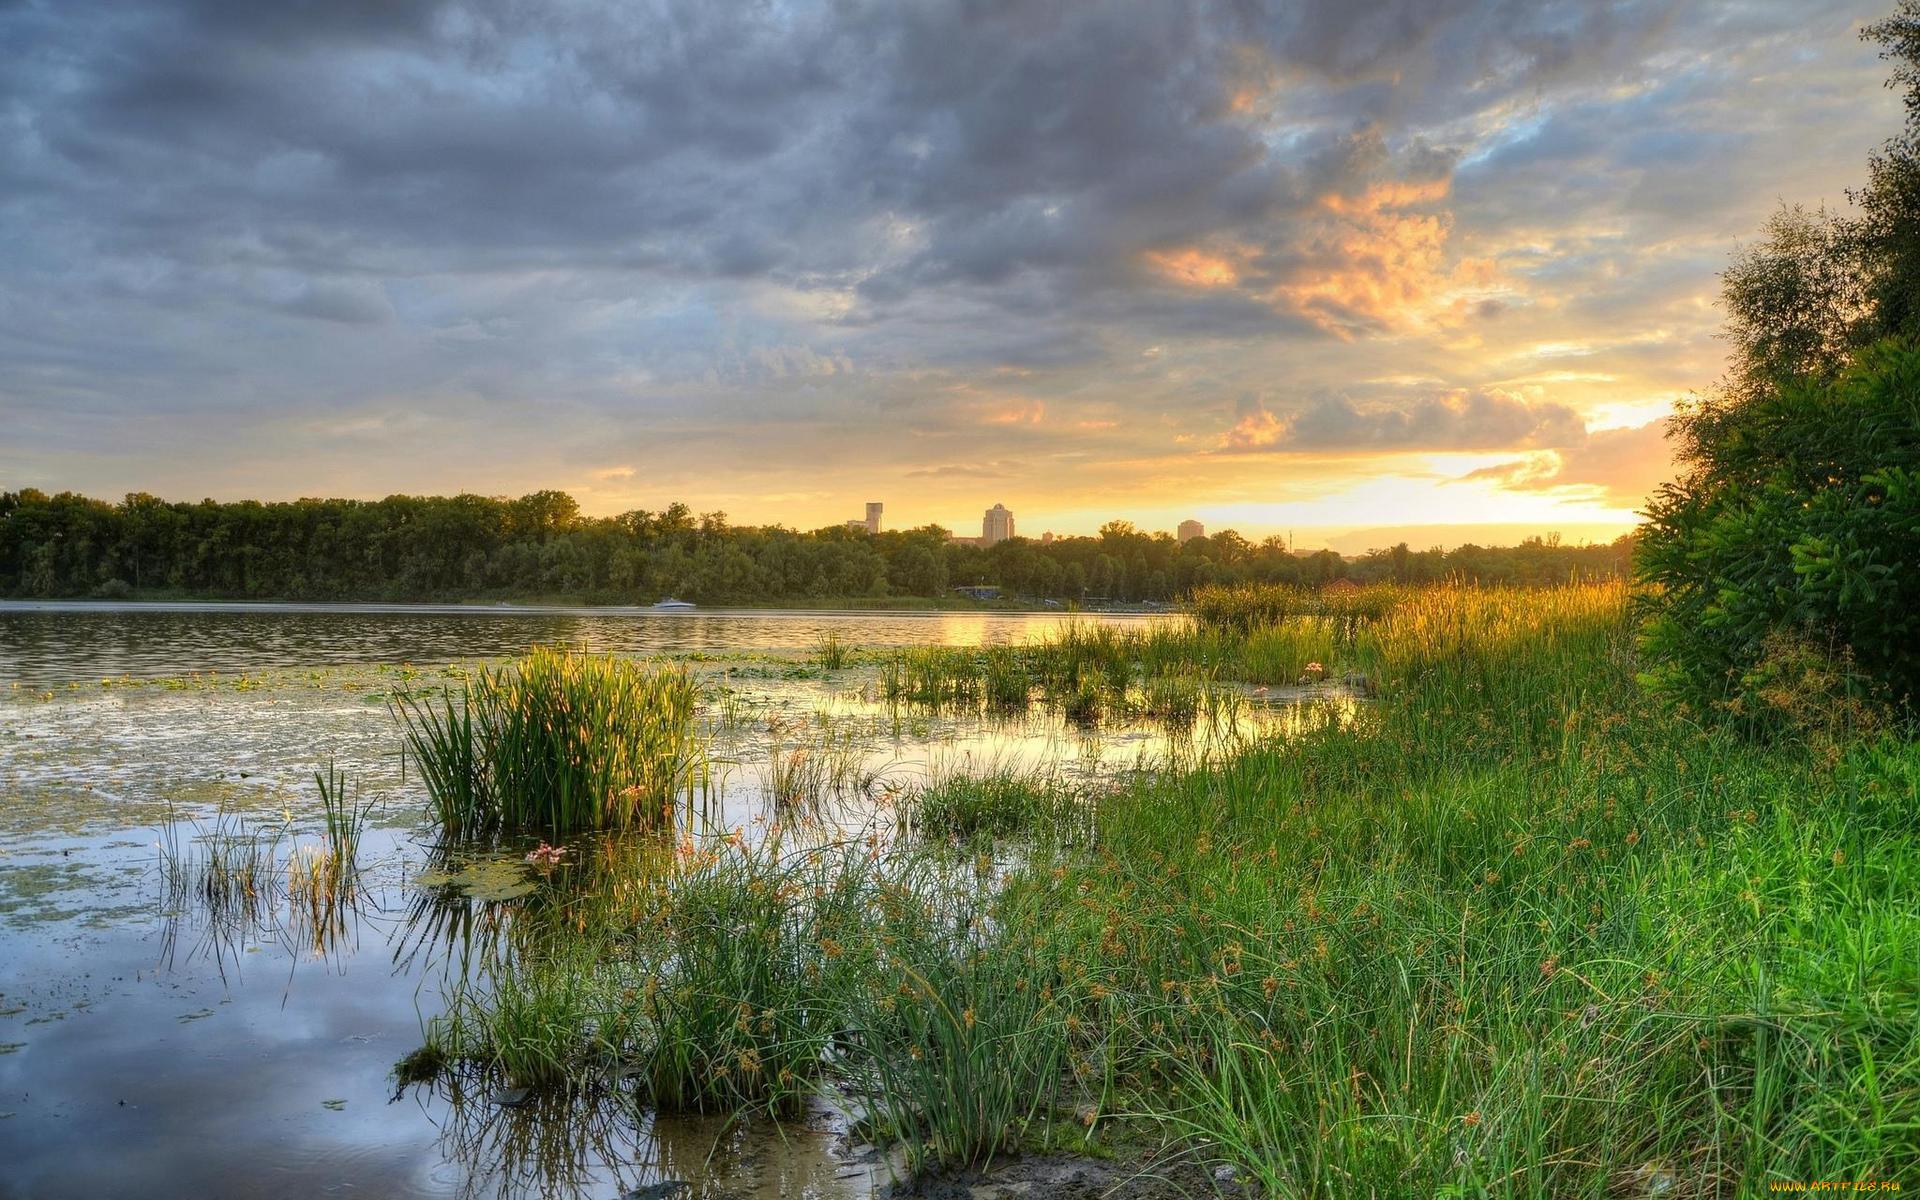 картинки рек озер болот украины устройстве